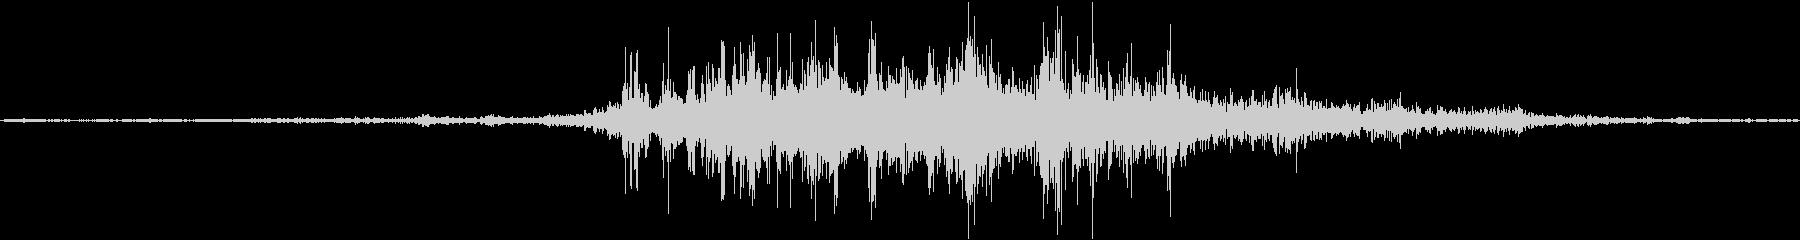 バイノーラル録音戦闘機1の未再生の波形